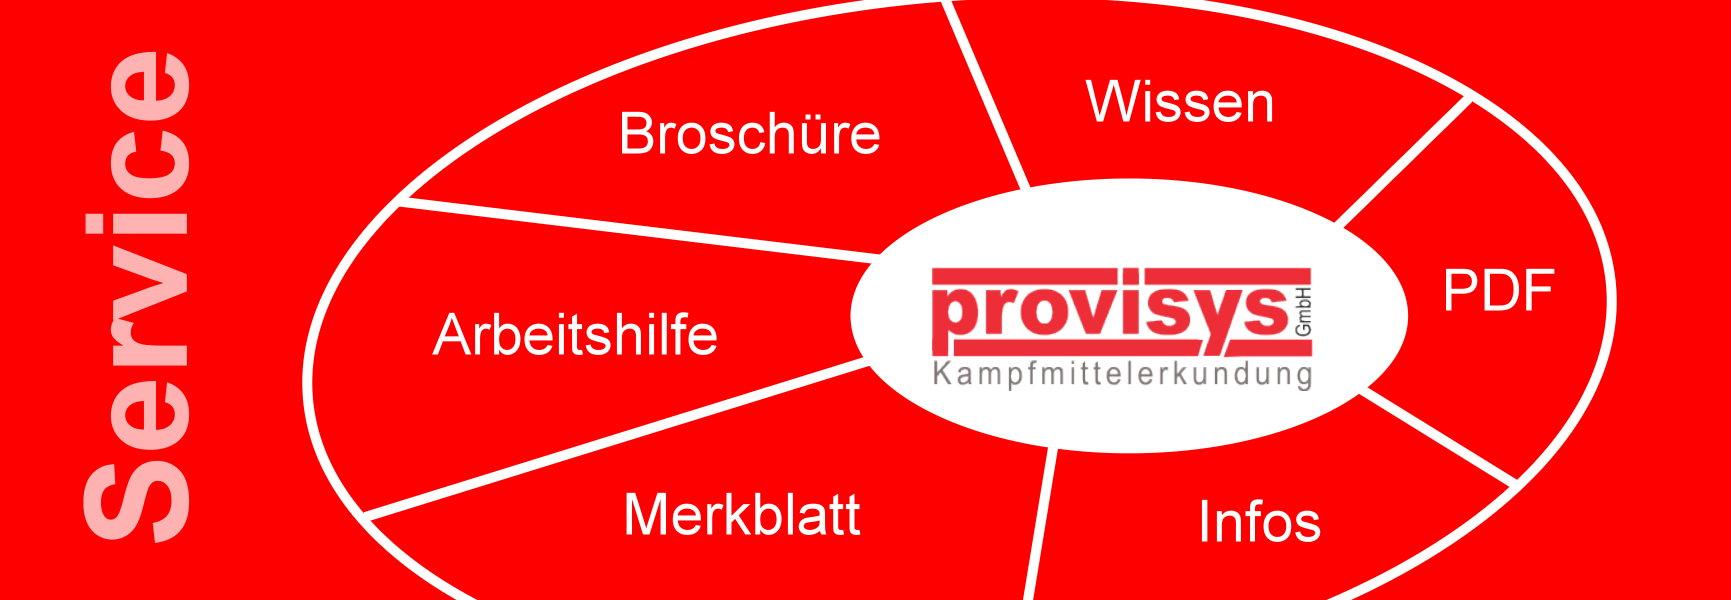 Service, Dienstleistungen, provisys GmbH